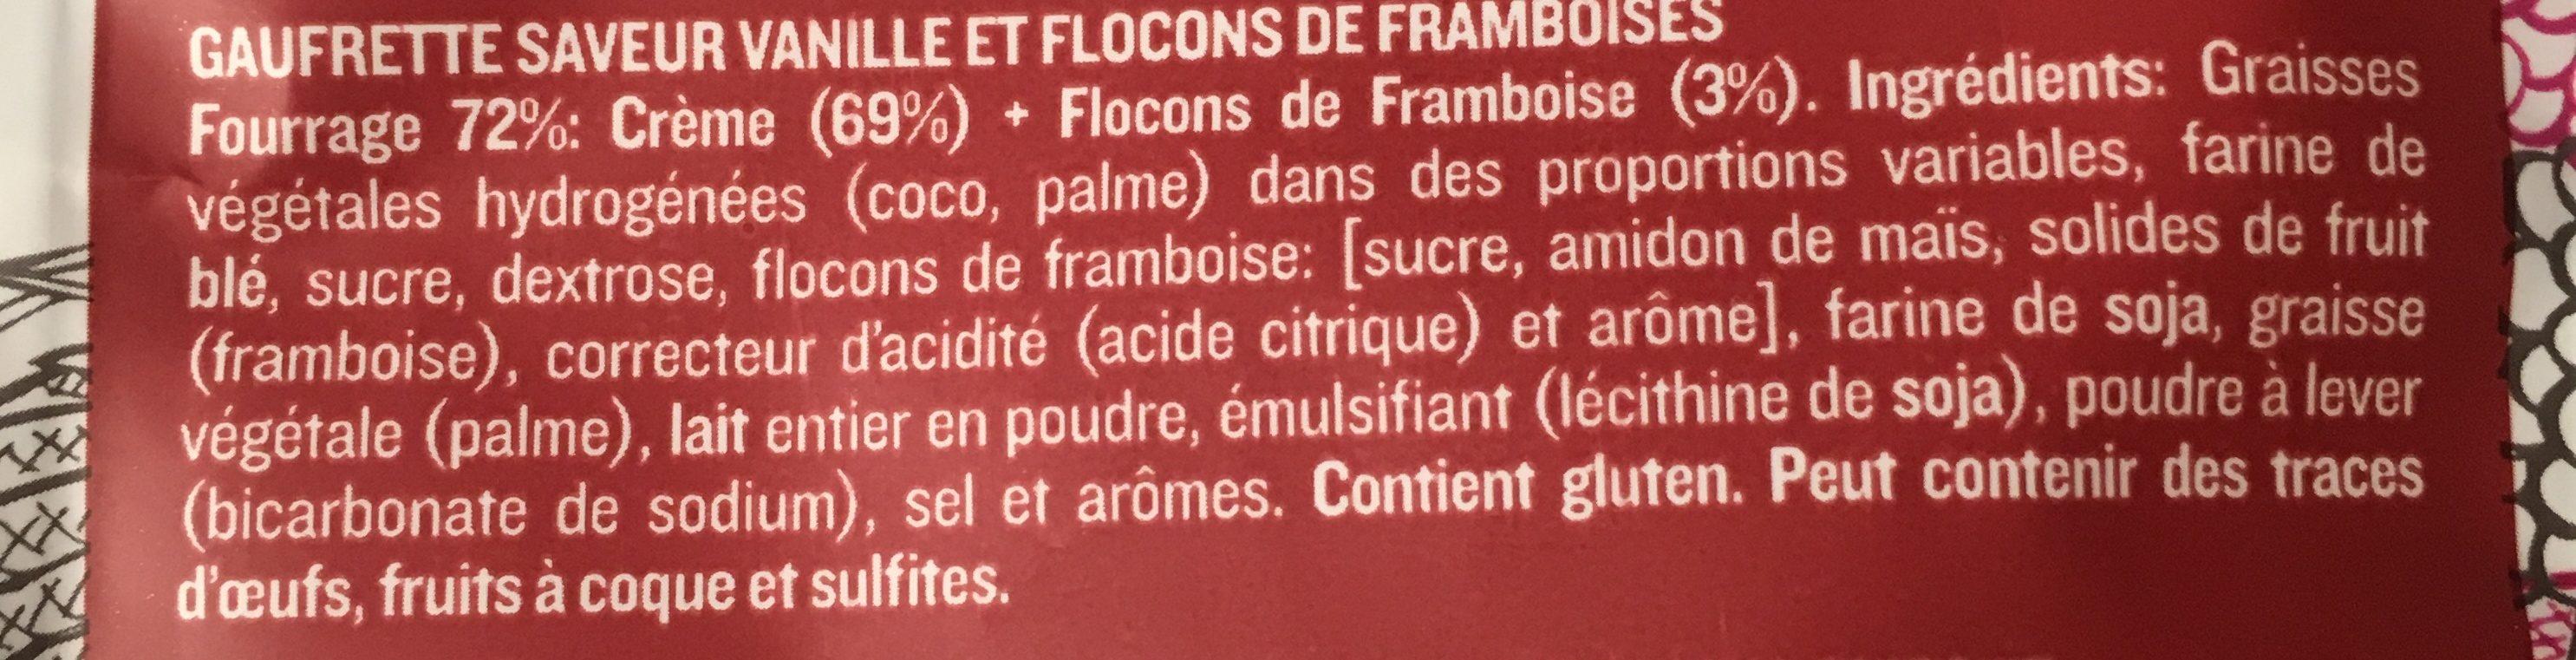 Gaufrette saveur vanille et flocons de framboises - Ingrédients - fr